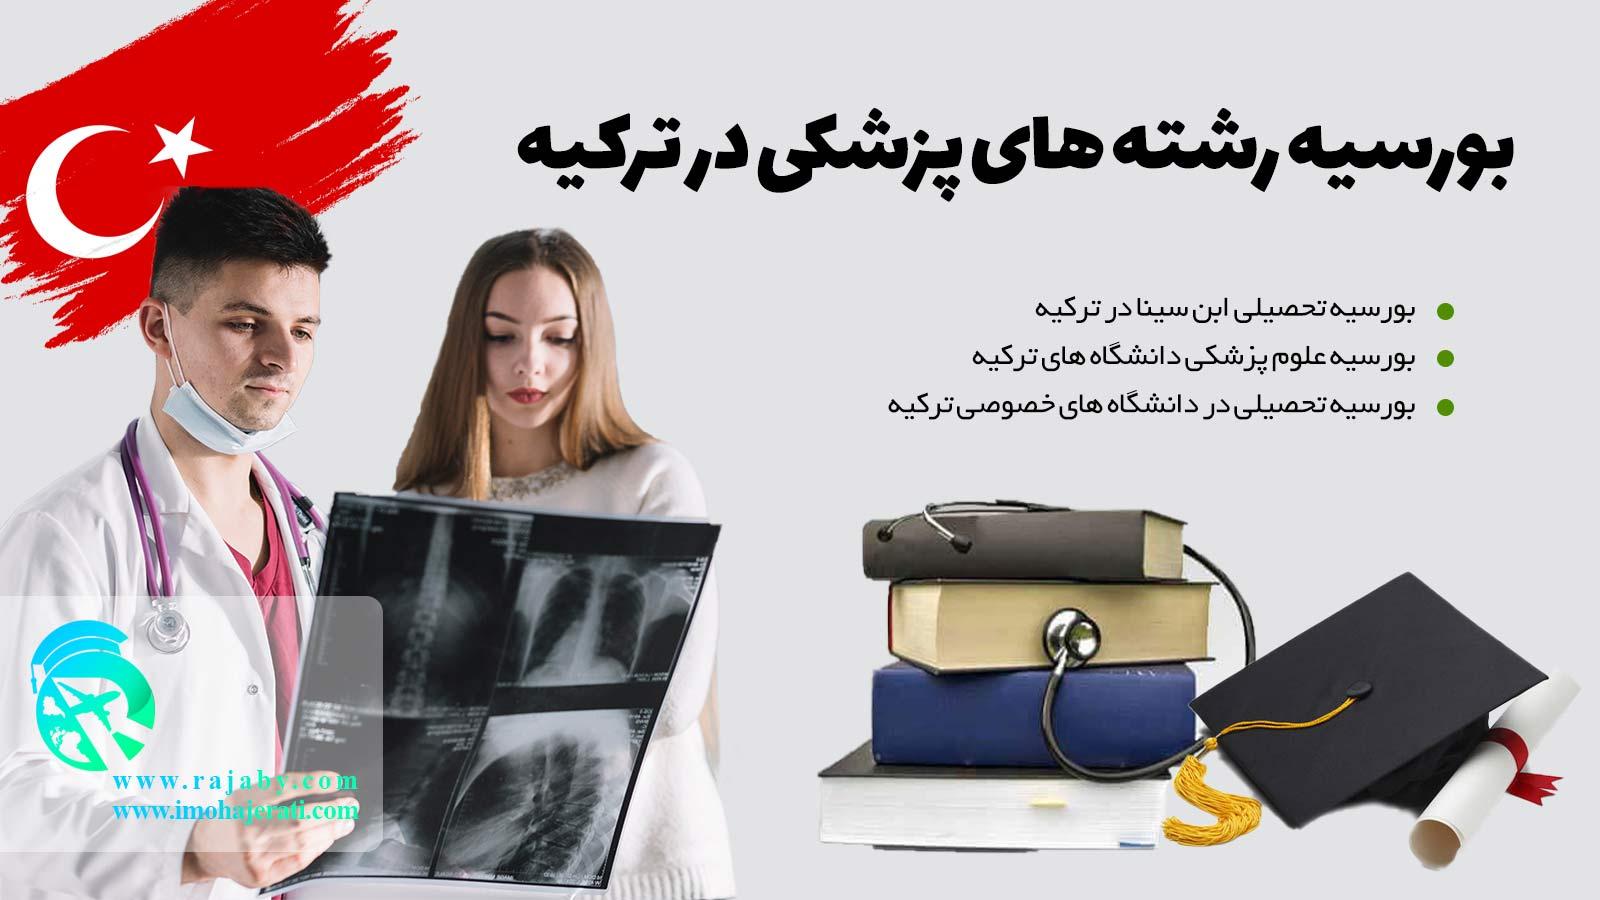 بورسیه رشته های پزشکی در ترکیه